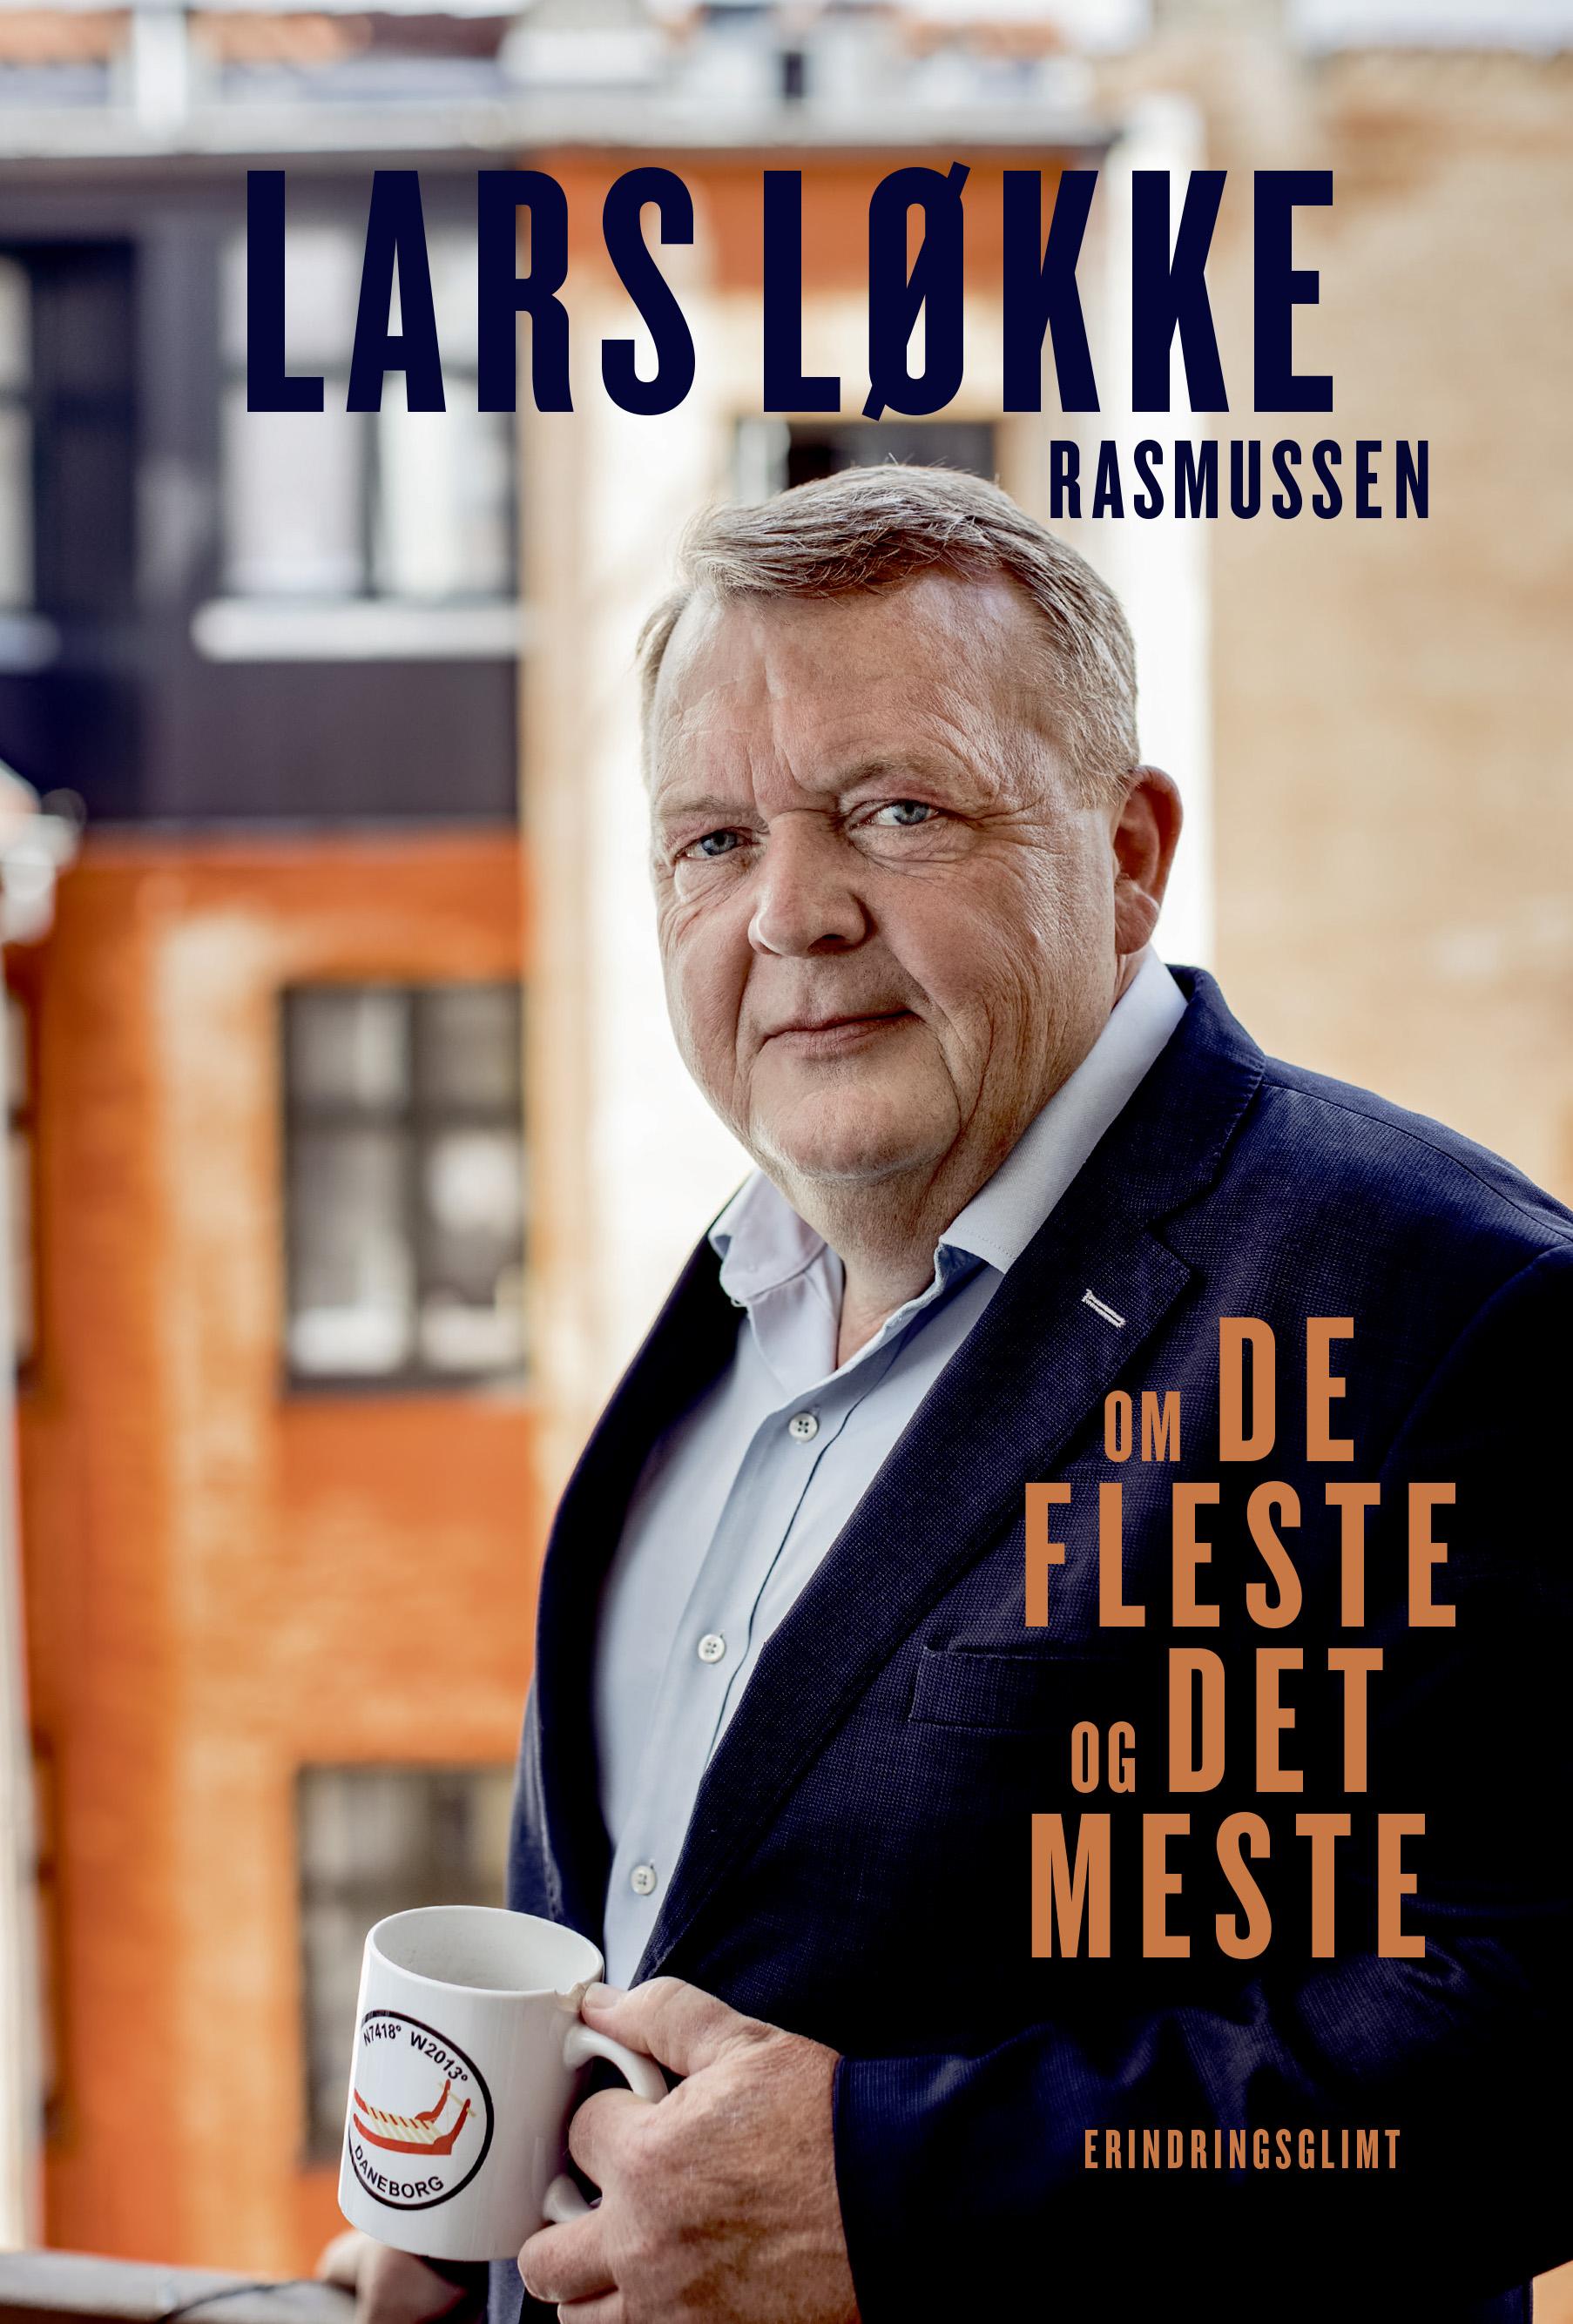 Om de fleste og det meste - Lars Løkke Rasmussen - Bøger - Politikens Forlag - 9788740062281 - 31/8-2020